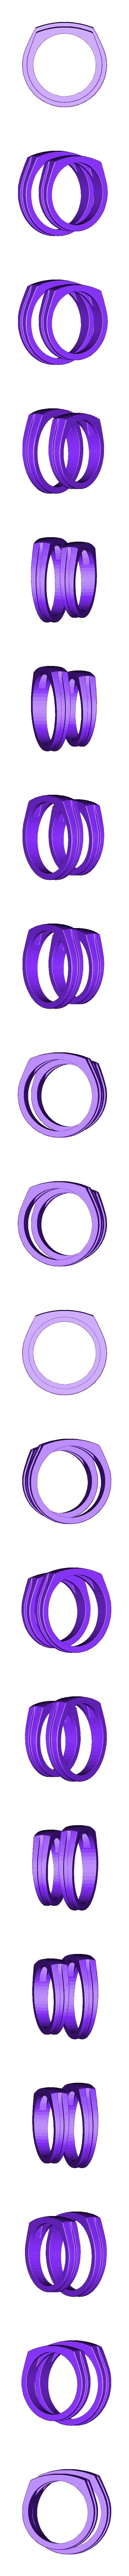 dome-signet-ring.STL Télécharger fichier 3MF Modèle d'impression 3D de la bague de signature du dôme • Modèle imprimable en 3D, RachidSW